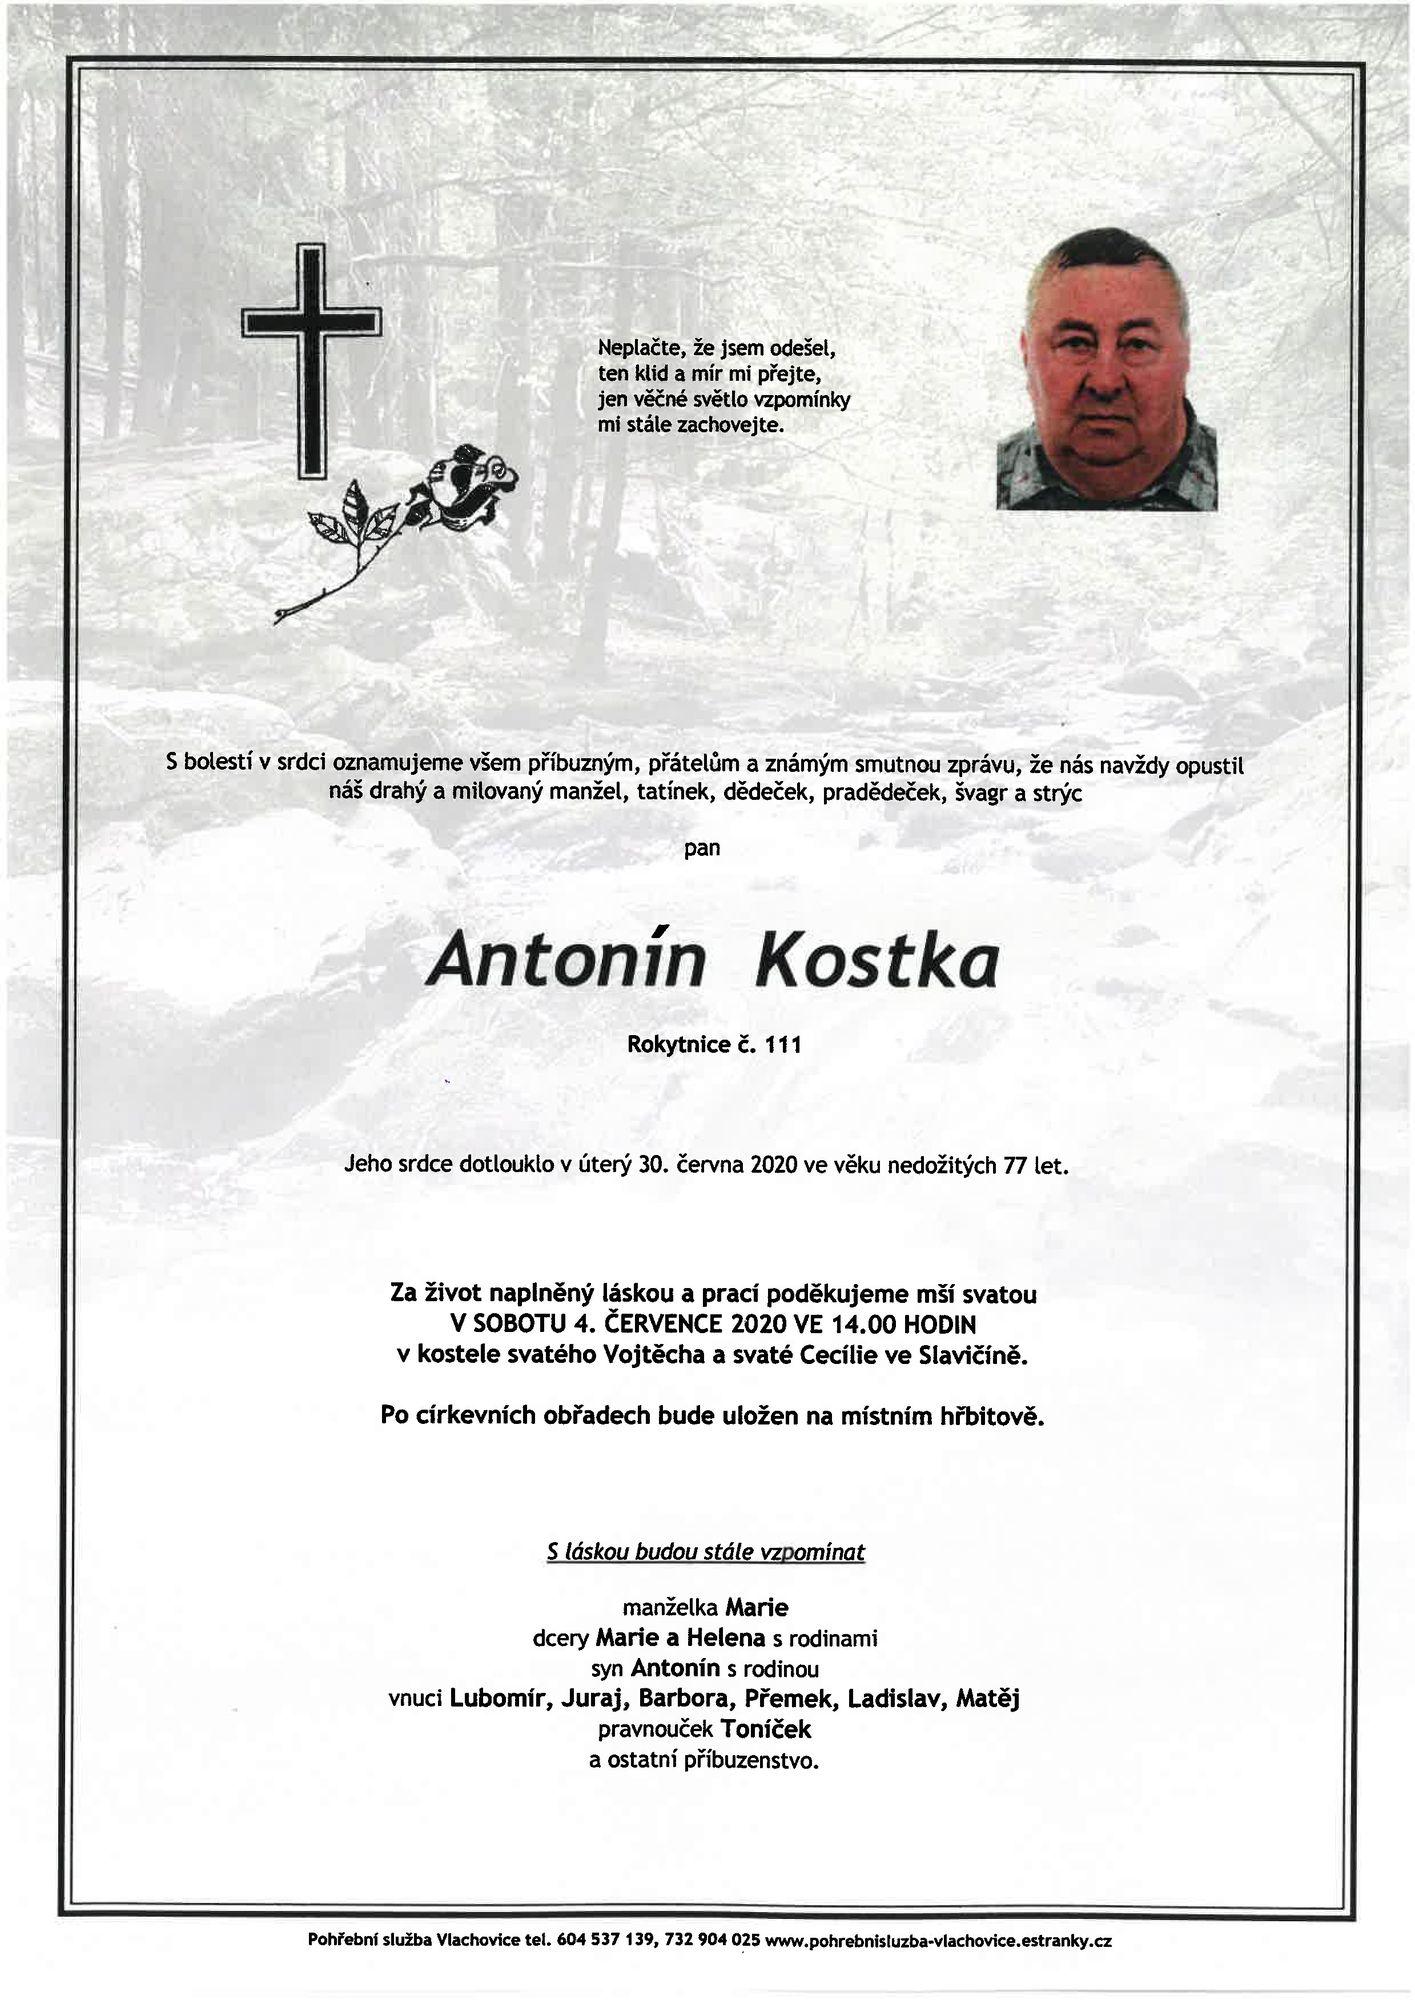 Antonín Kostka